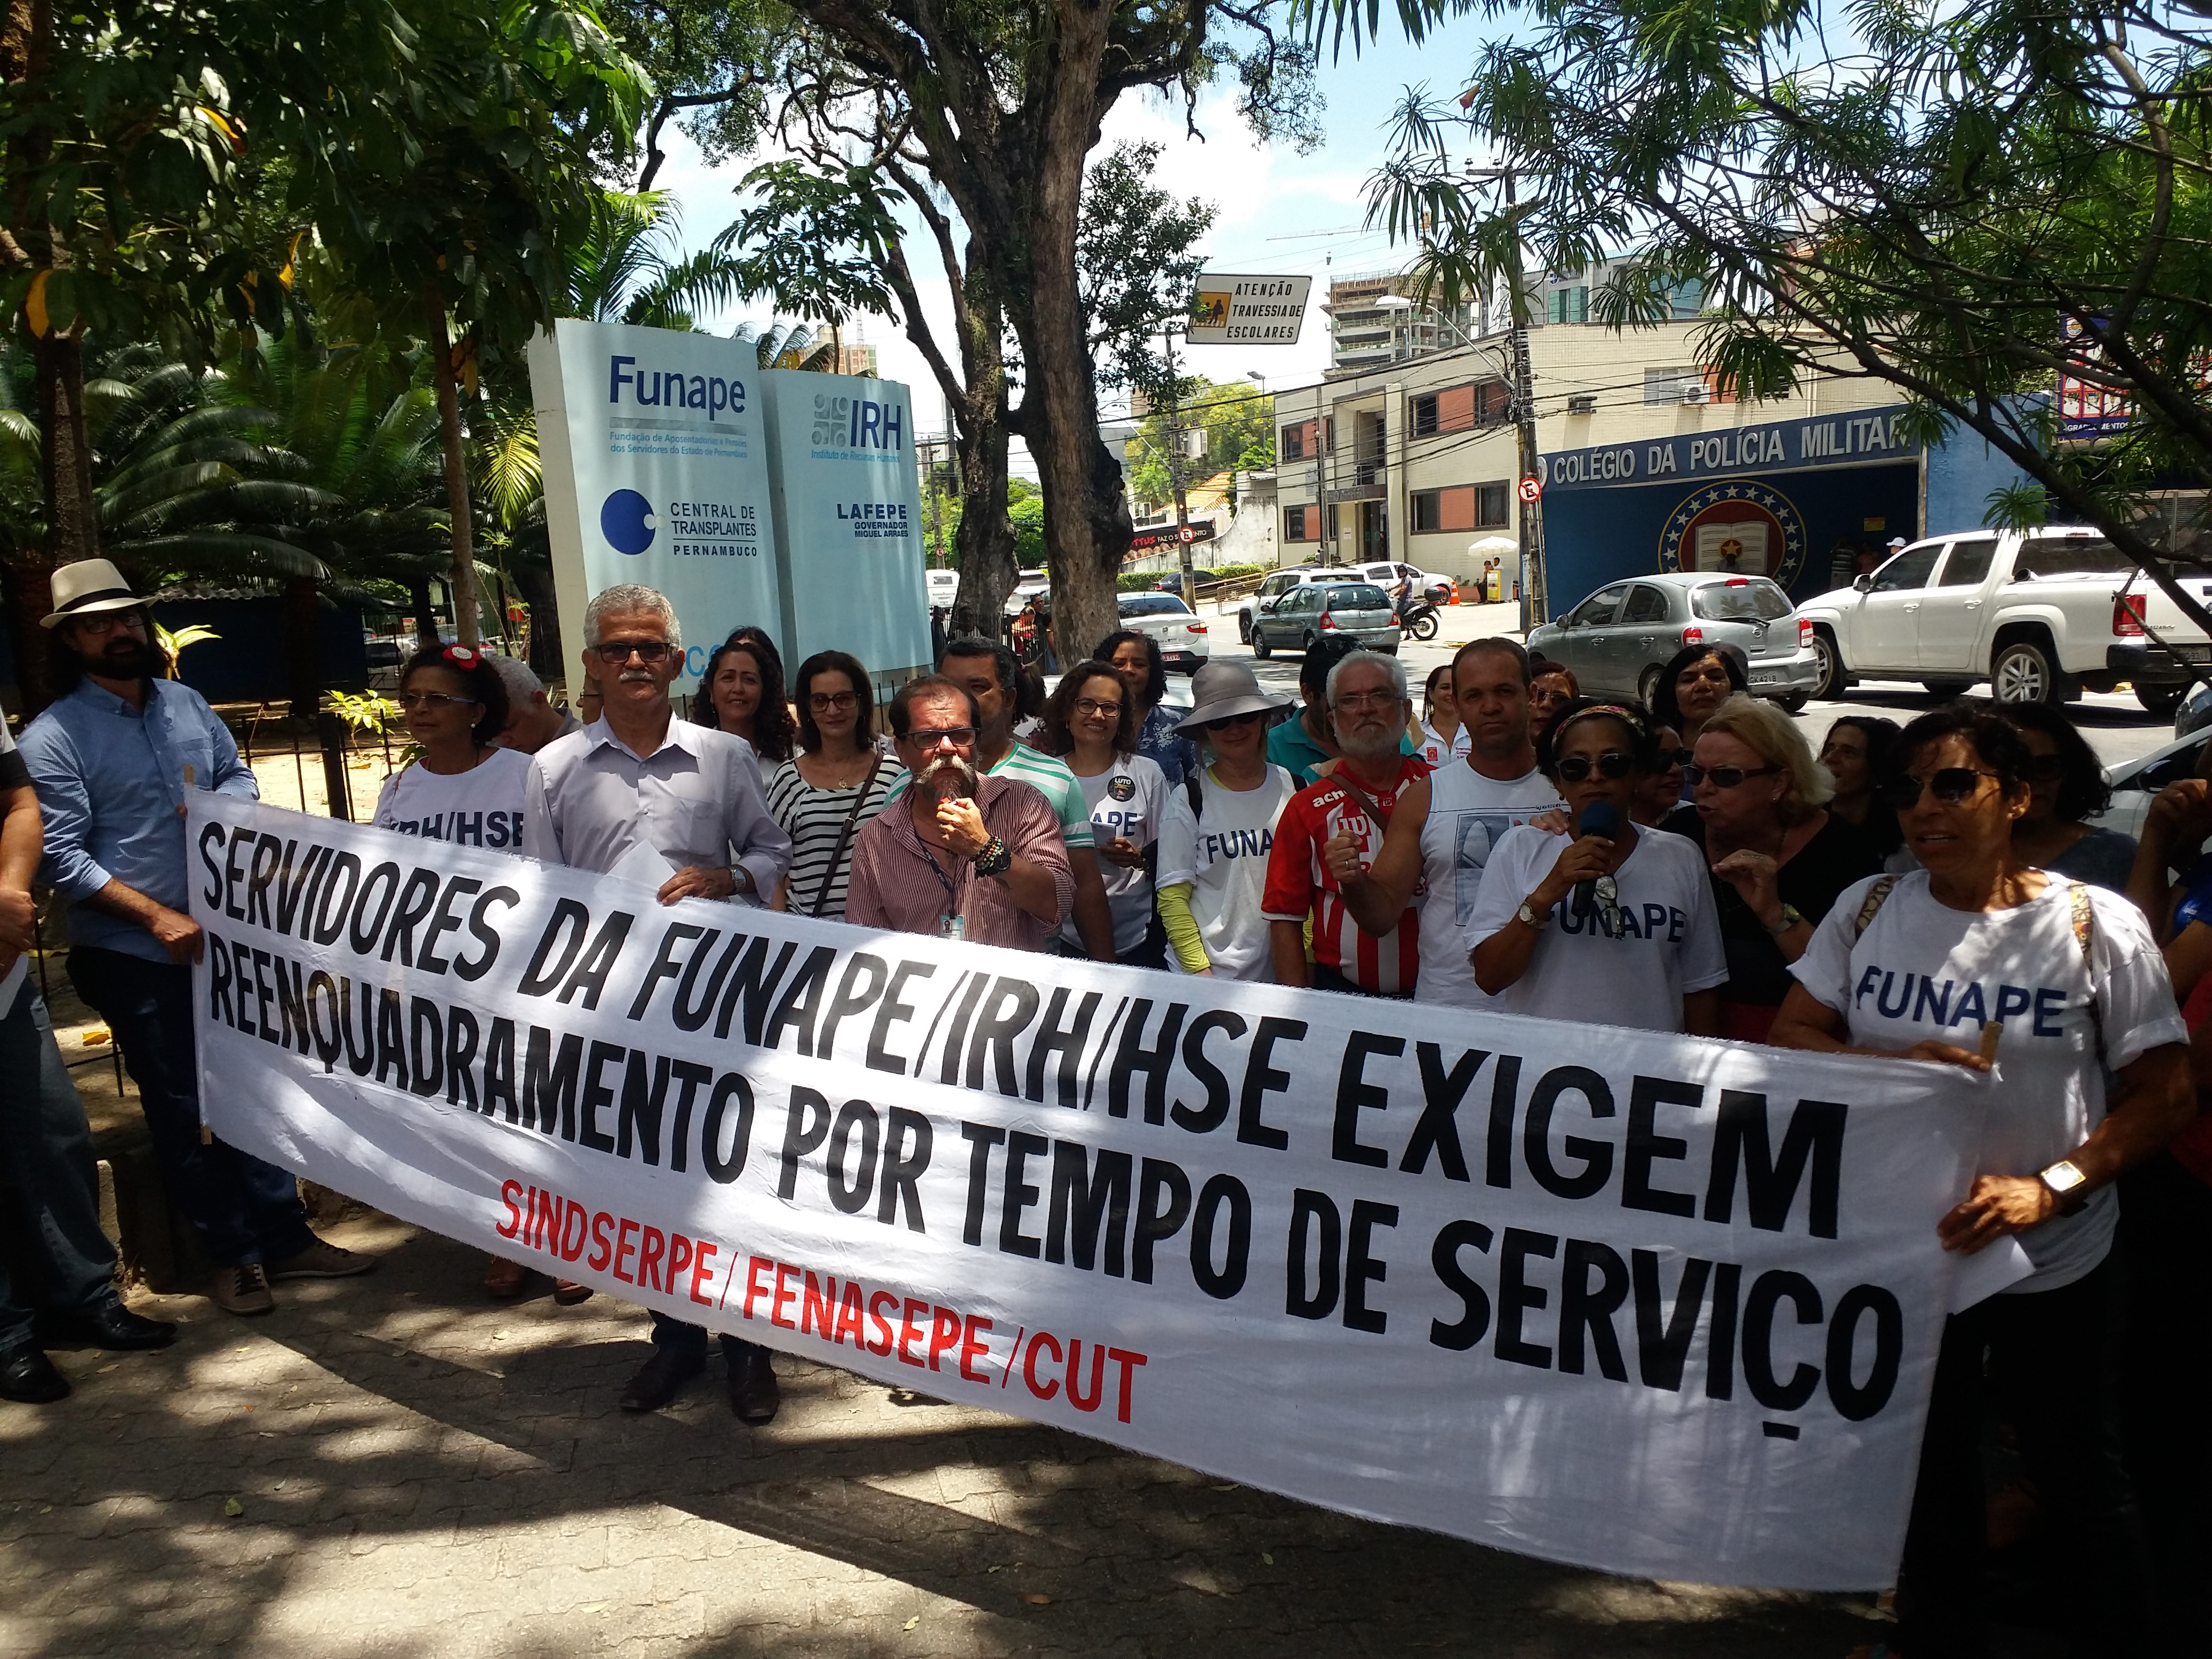 Greve - Servidores da Funape, IRH e HSE buscam canal de diálogo com o Governo